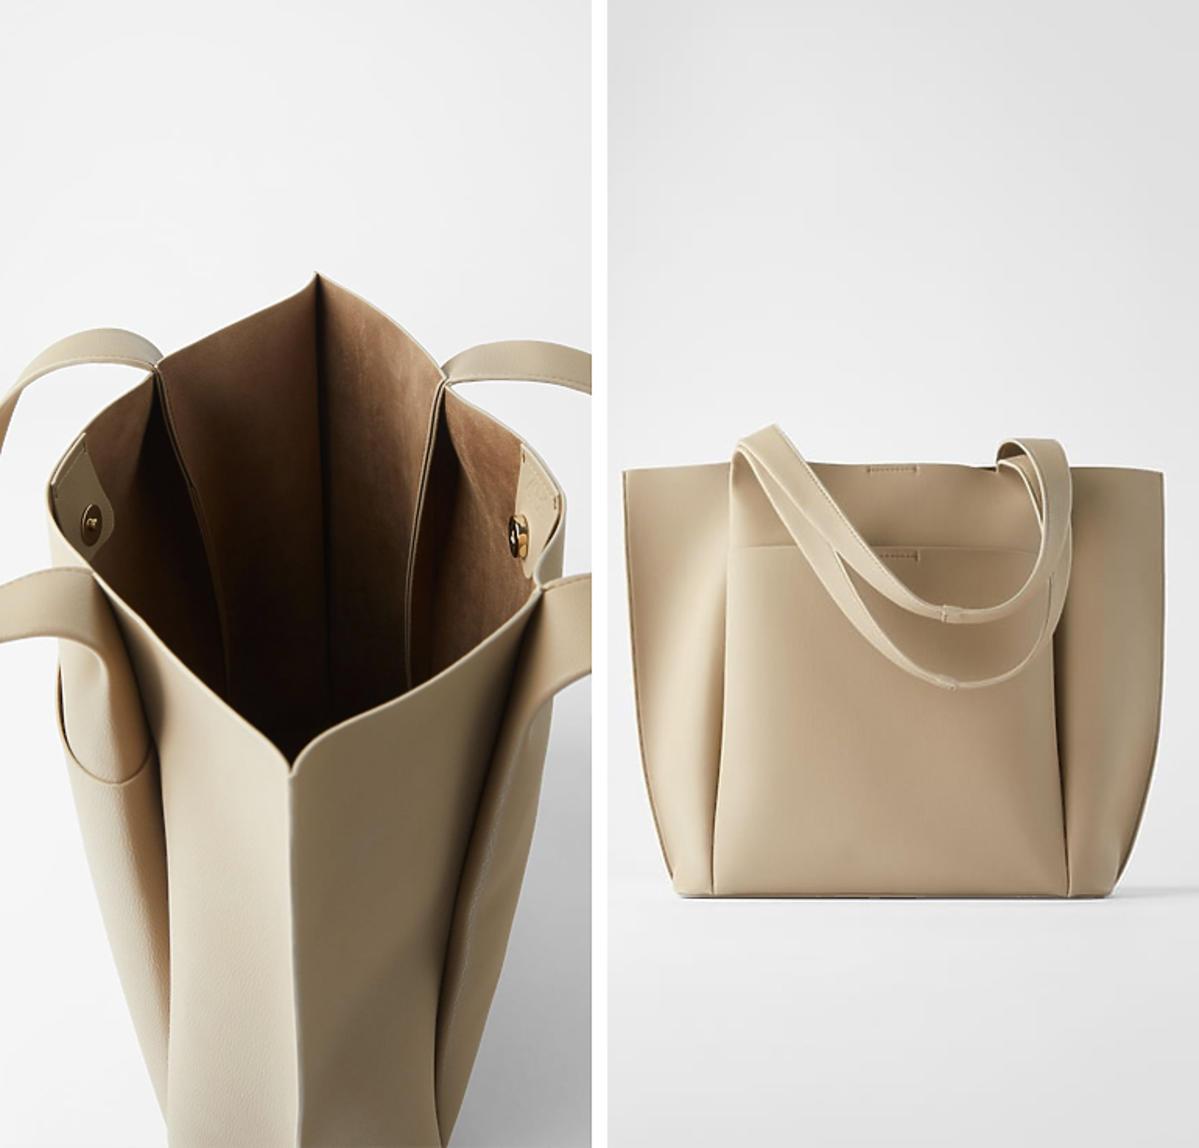 Torba typu shopper w kolorze szarobrązowym, Zara, 99 złotych